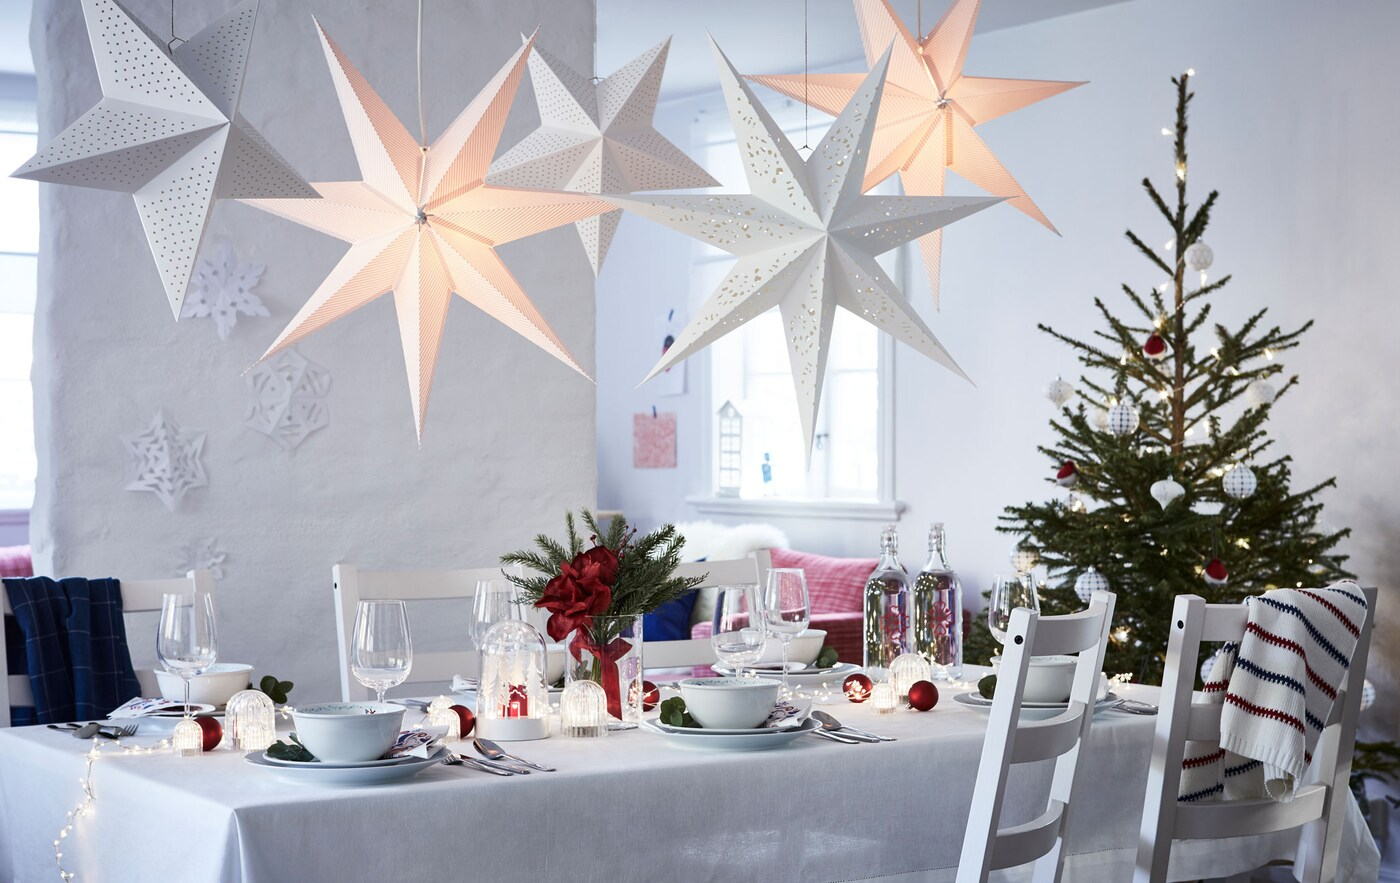 Светлая, большая, комната с минимальным набором мебели, в которой стоит длинный стол для праздничного ужина. С одной стороны стоит новогодняя елка, сверху висят бумажные звезды.